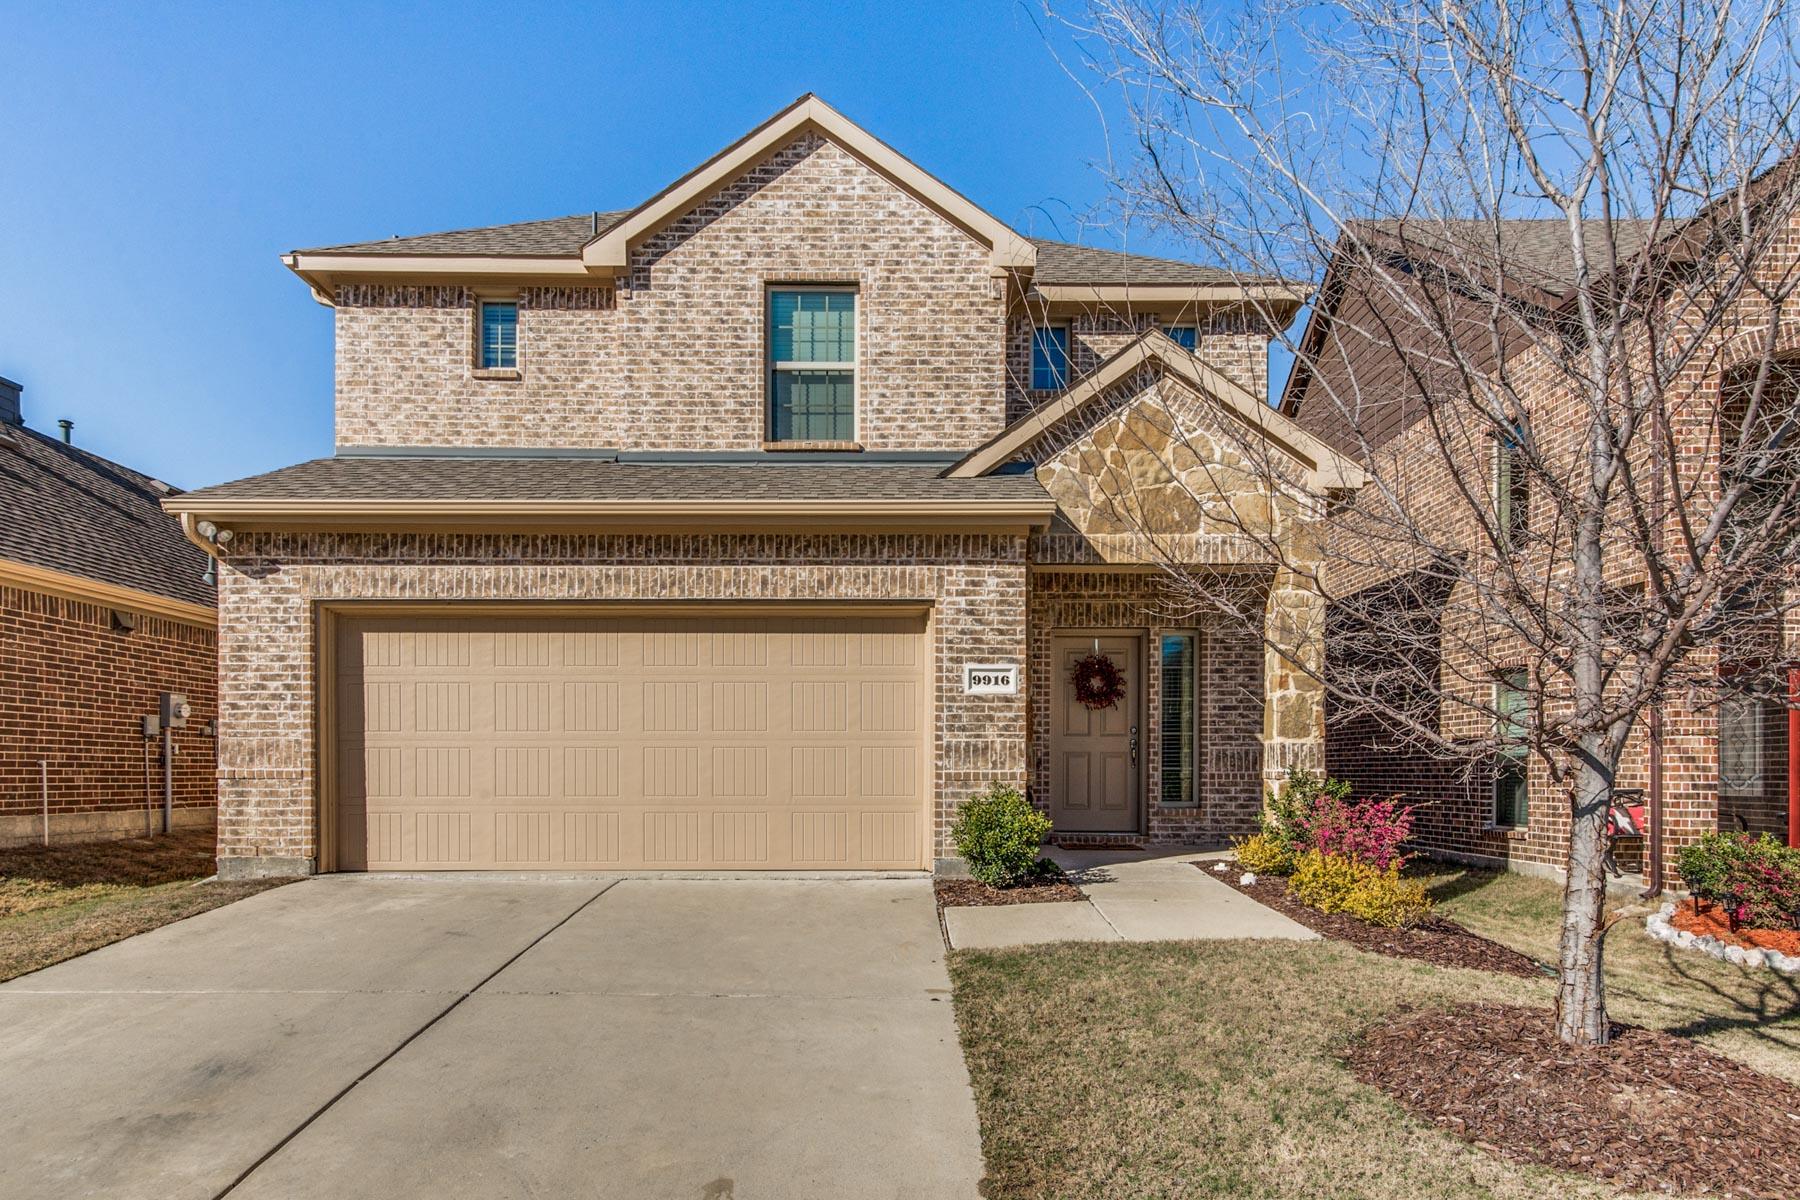 独户住宅 为 销售 在 Prosper ISD 9916 Copperhead Ln 麦金尼, 得克萨斯州, 75071 美国